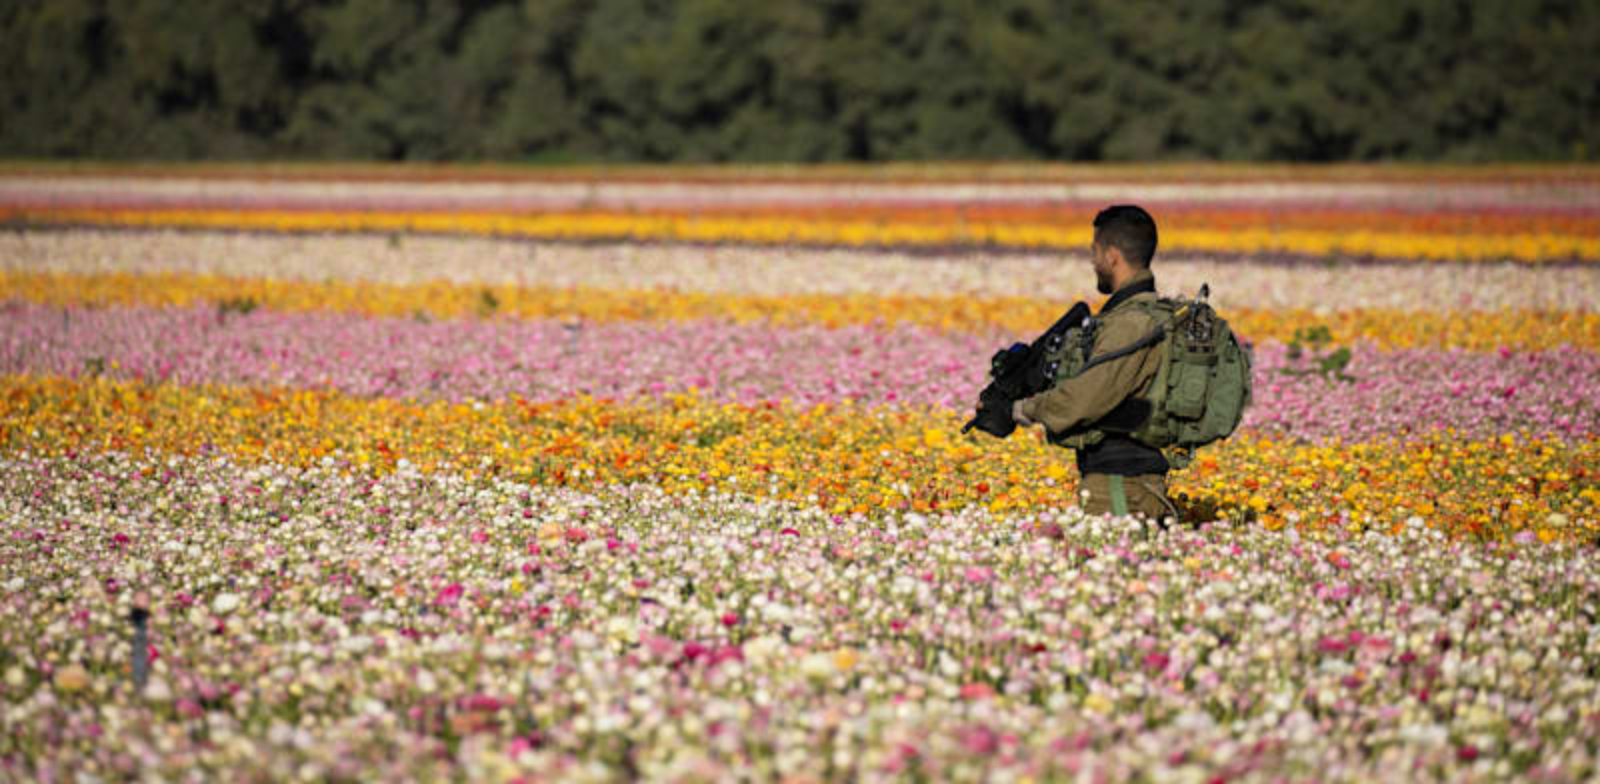 """חייל צה""""ל צועד בשדה סמוך לעזה / צילום: Reuters, Amir Cohen"""